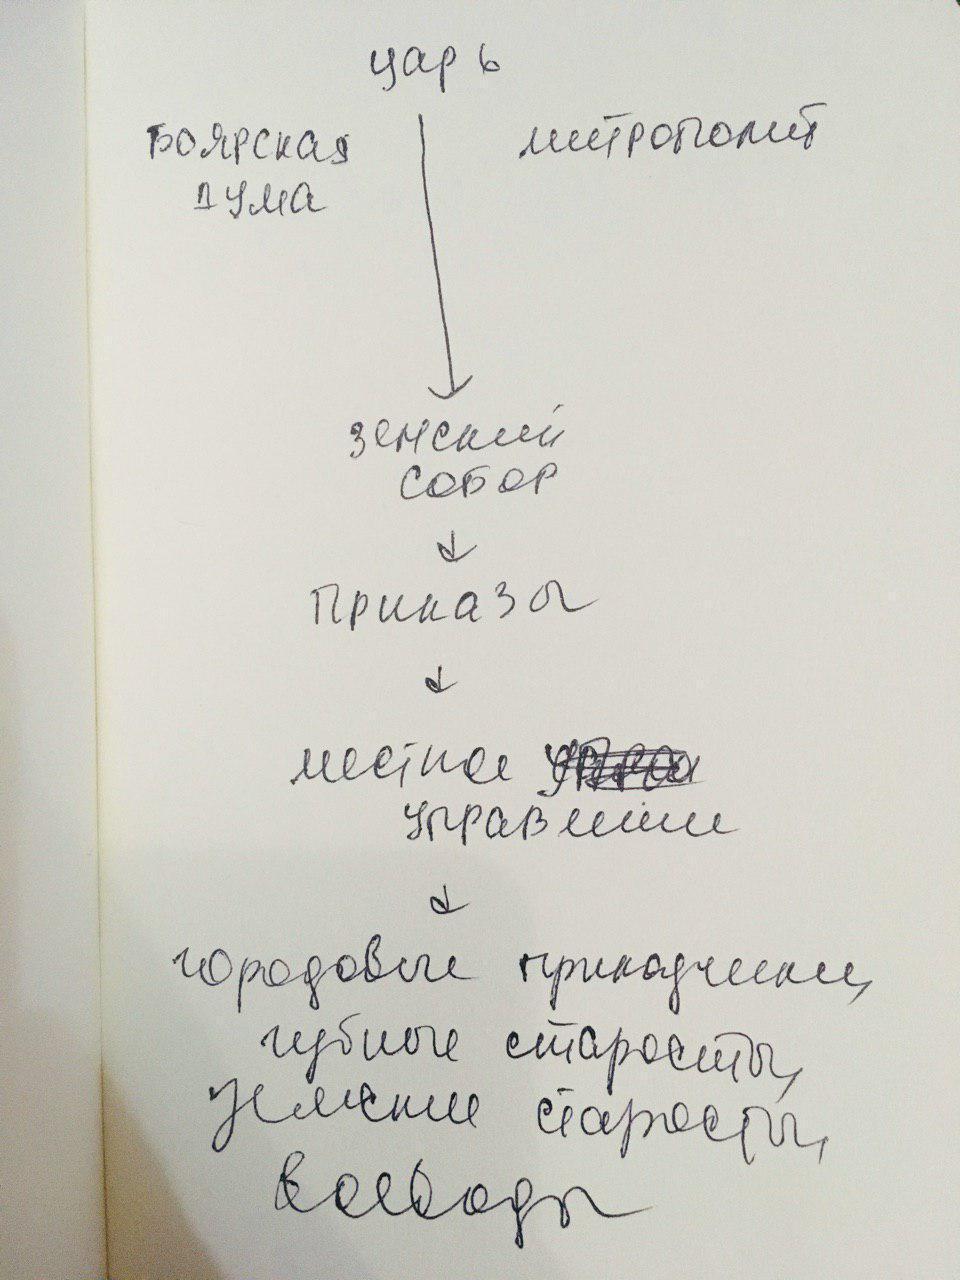 изобразите в виде схемы органы центрального